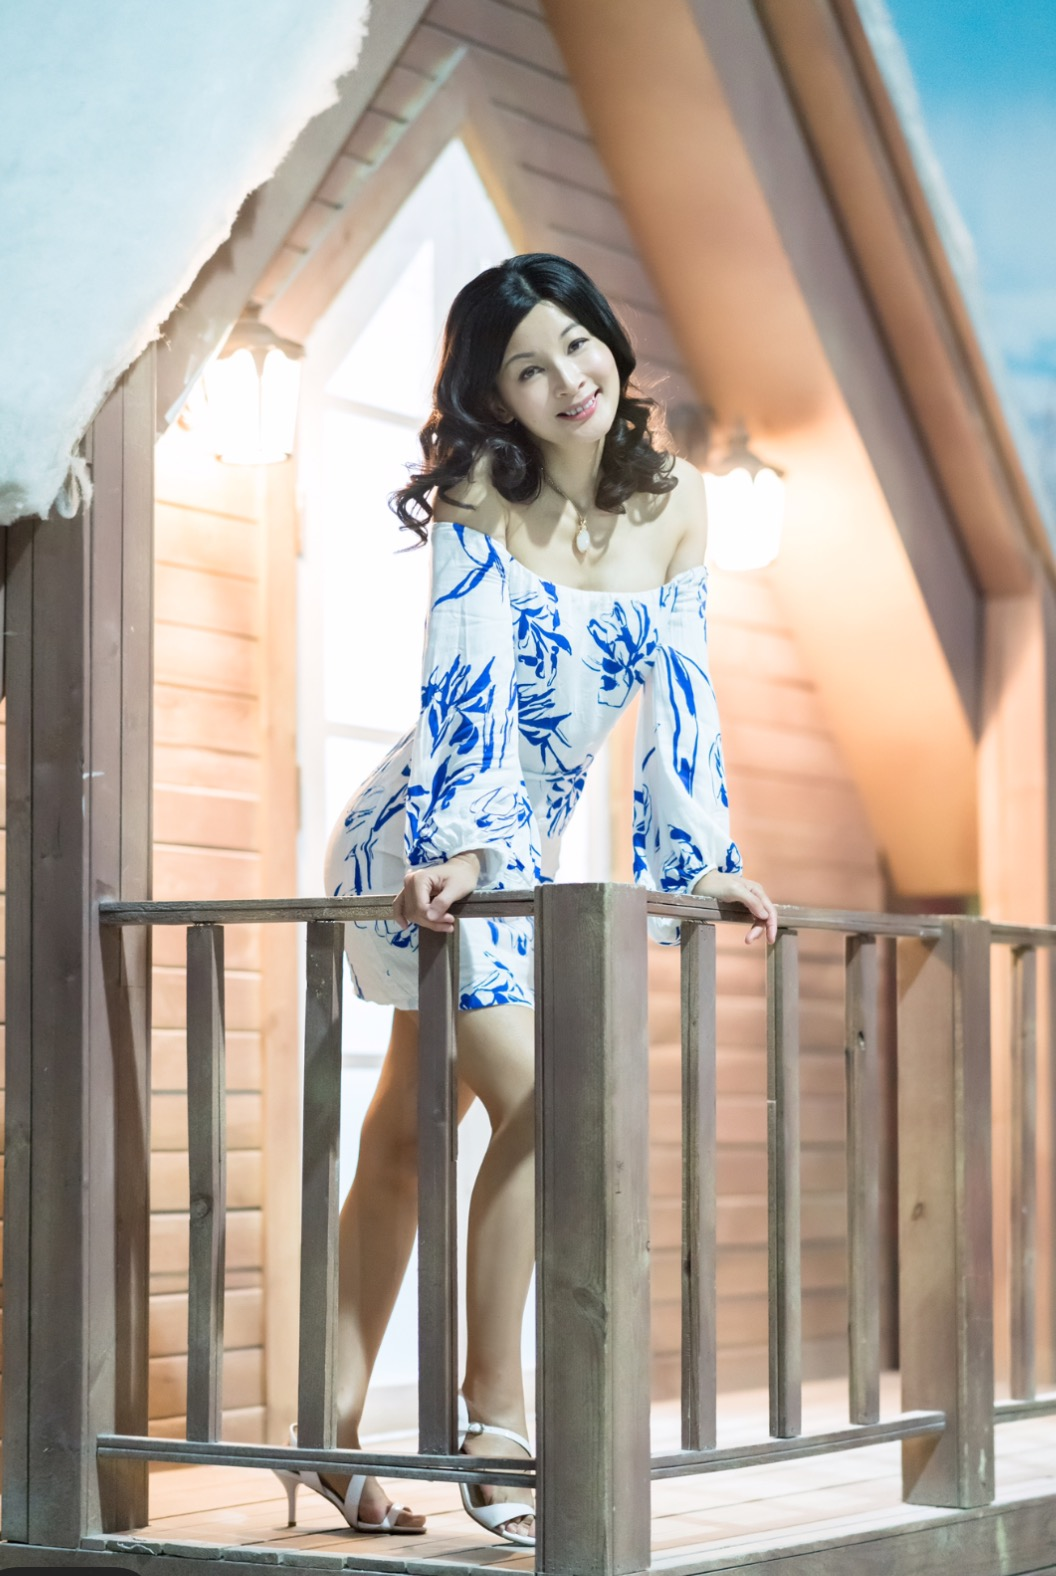 小s的身材照_演员钟小丹最新写真照 S型身材尽显迷人风范 - 微信公众平台精彩 ...